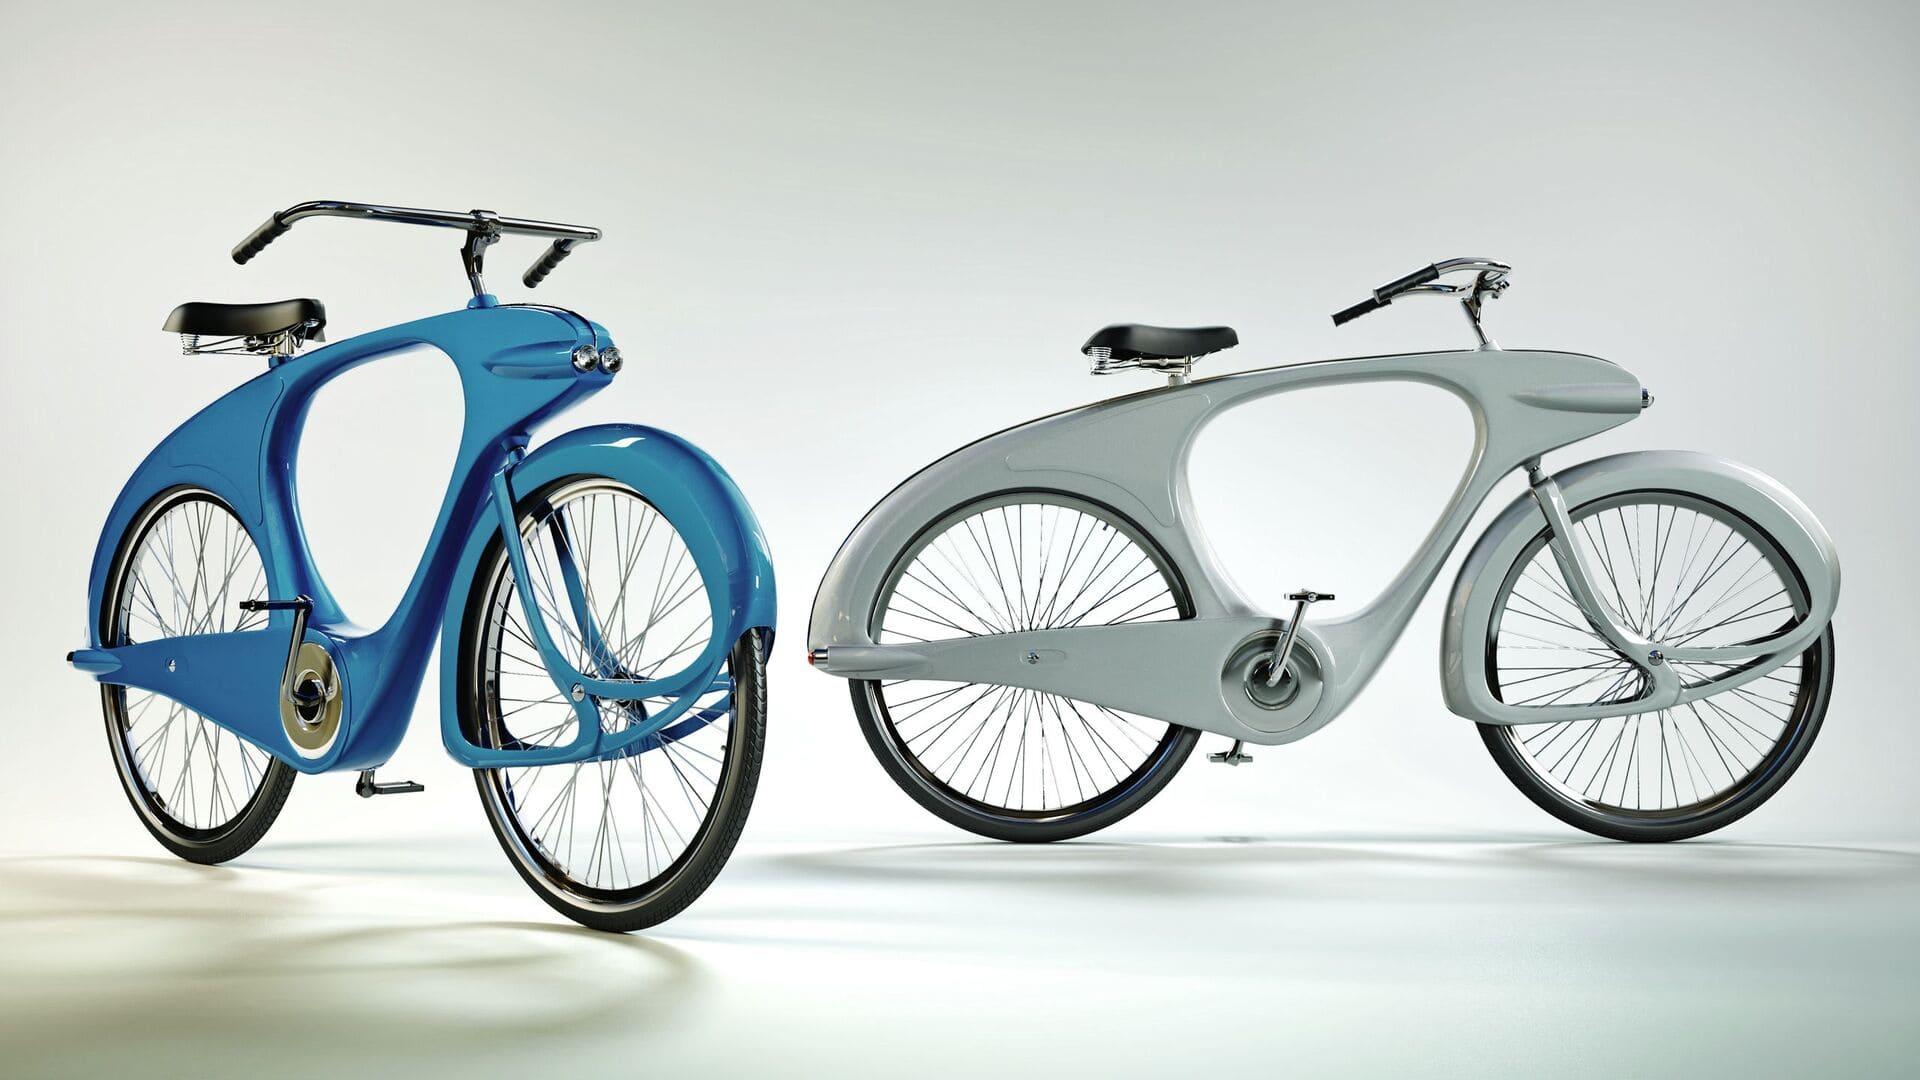 Wizualizacje 3D roweru